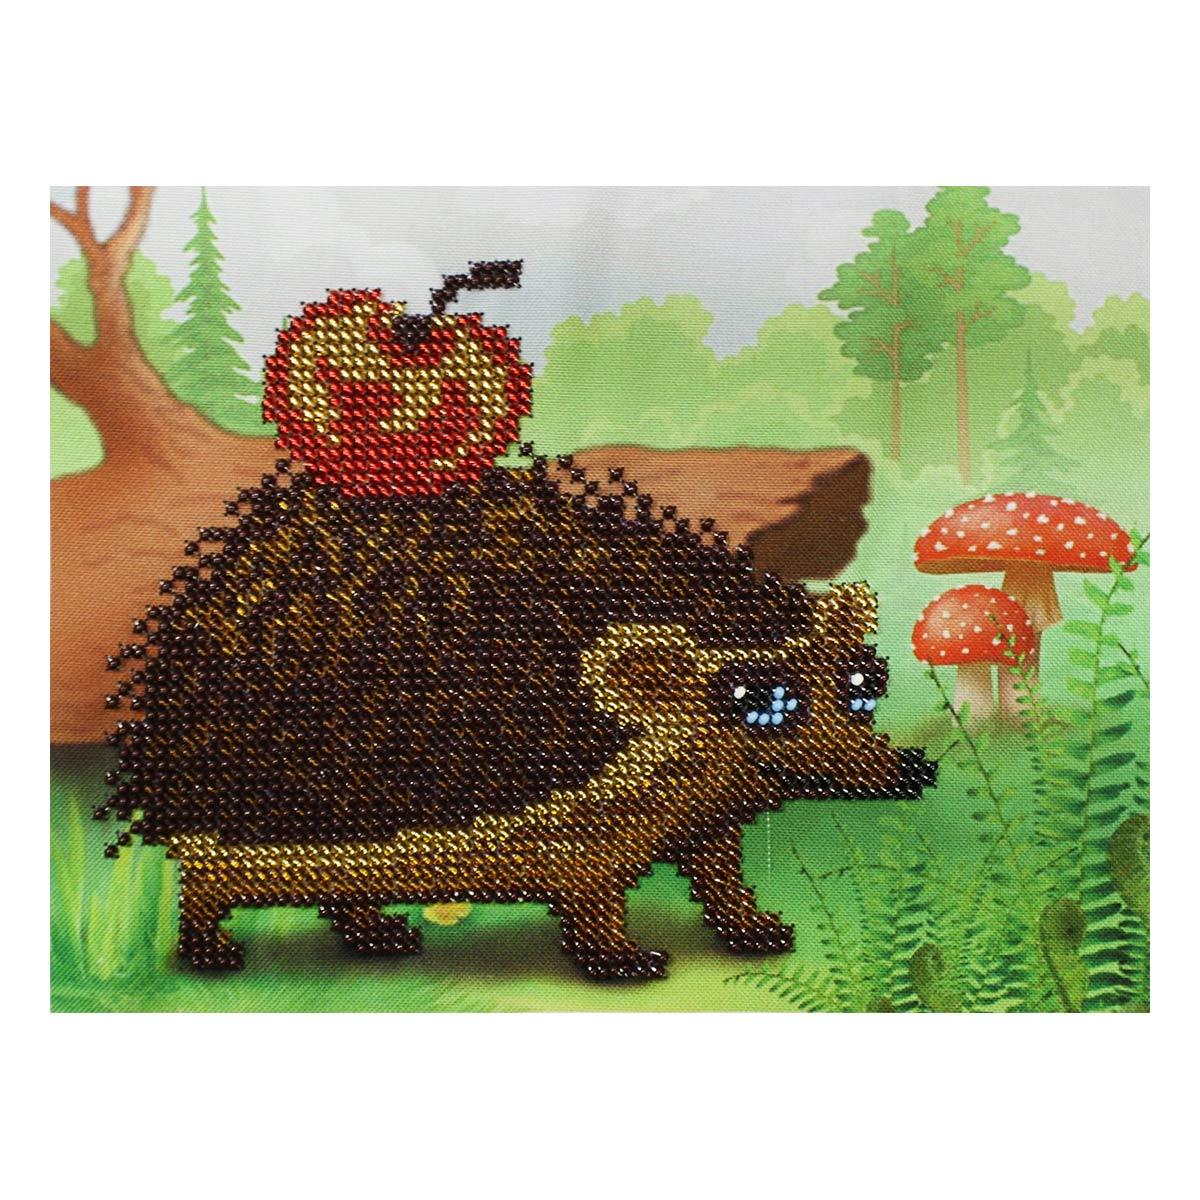 Б-0106 Набор для вышивания бисером 'Бисеринка' 'Счастливый ежик', 20*14,5 см